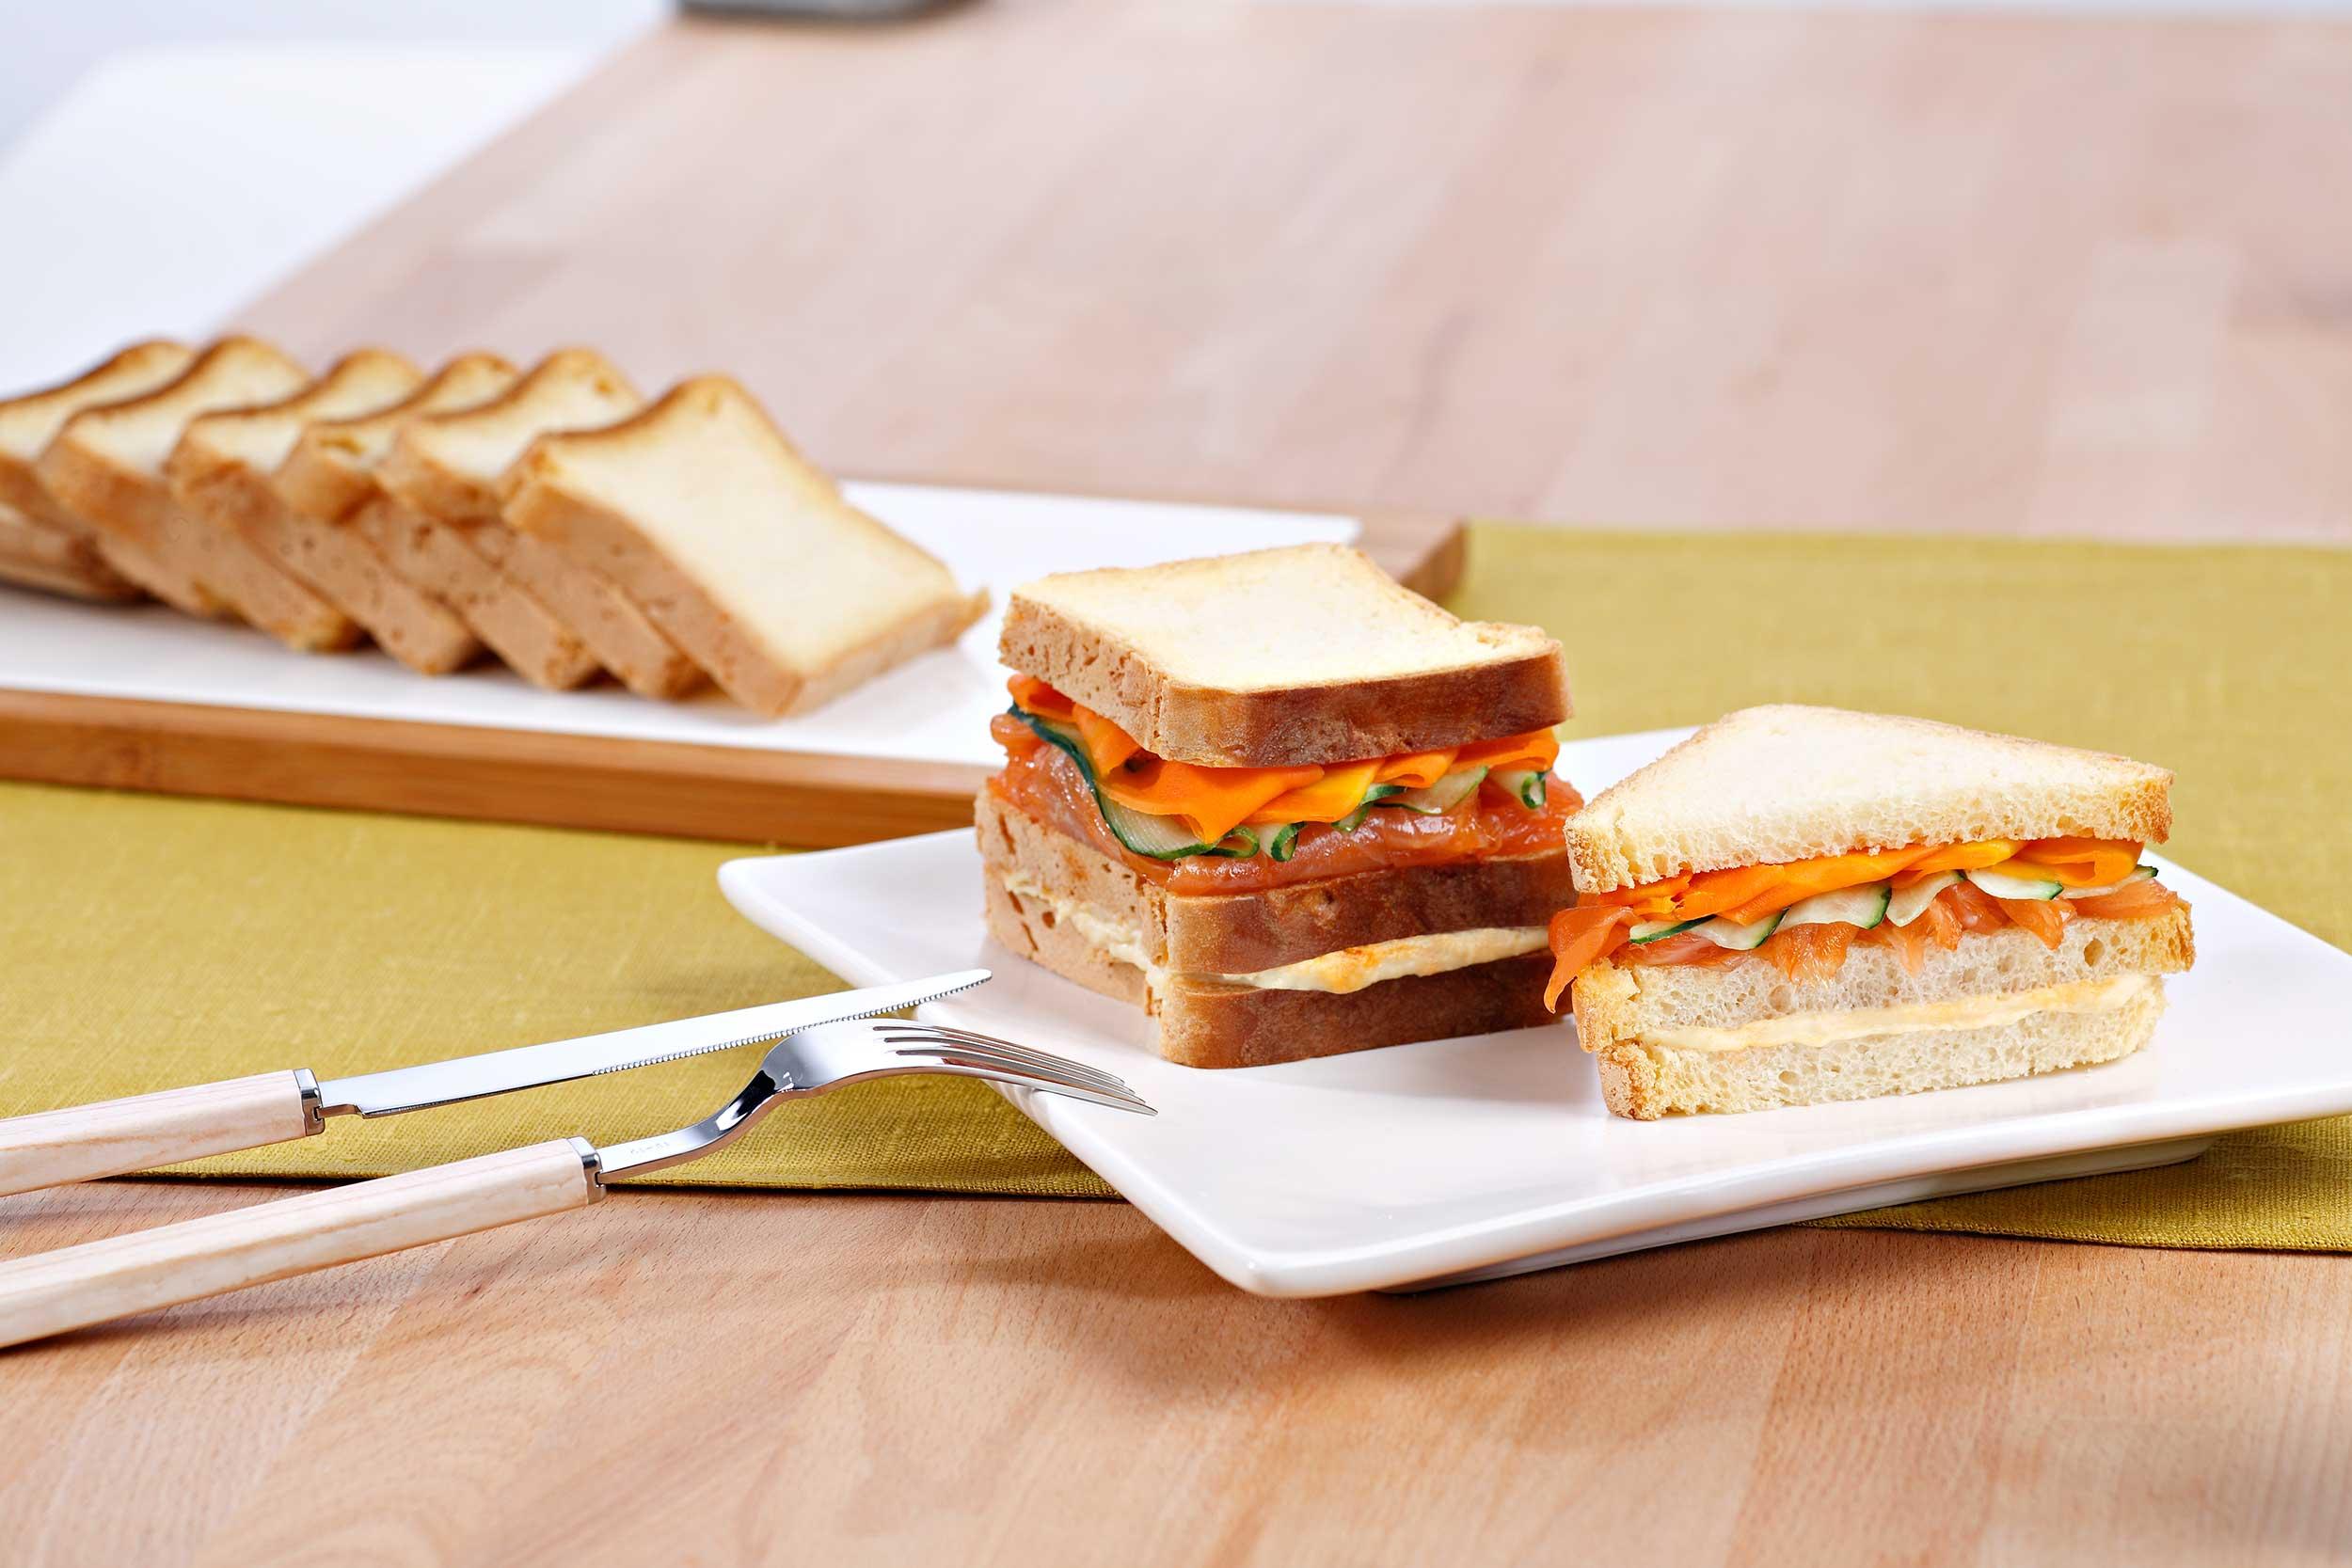 Receta sandwich doble piso sin gluten de Proceli